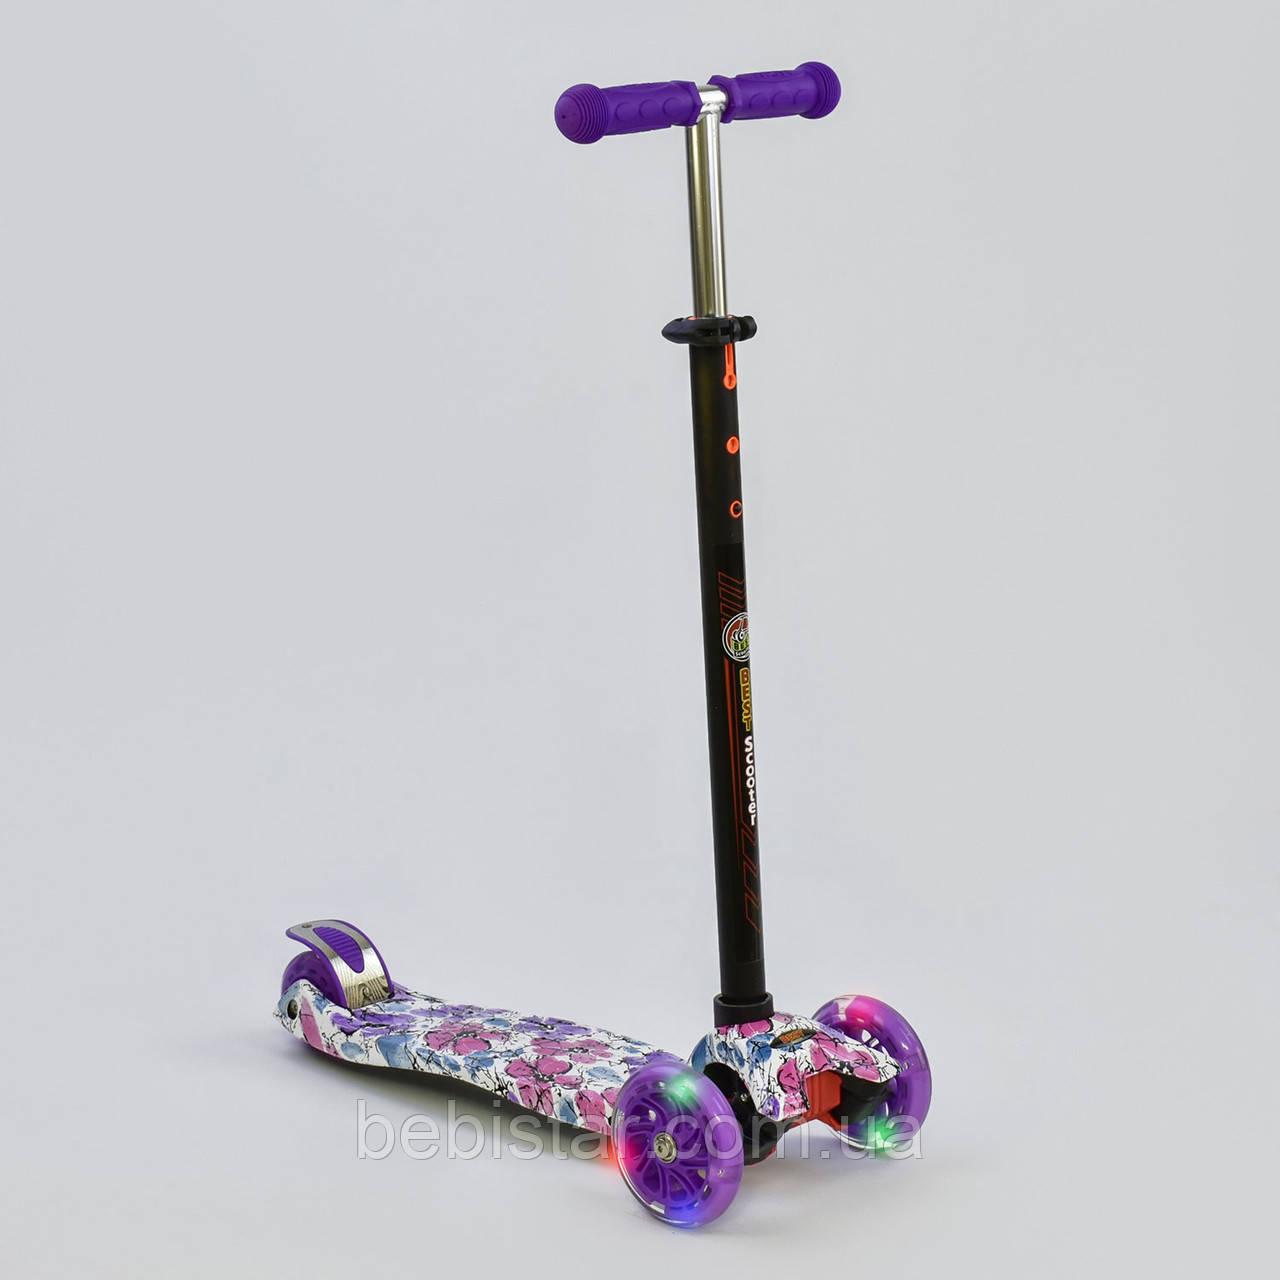 Самокат-кикборд Best Scooter MAXI со светящимися фиолетовыми колесами деткам от 3 лет